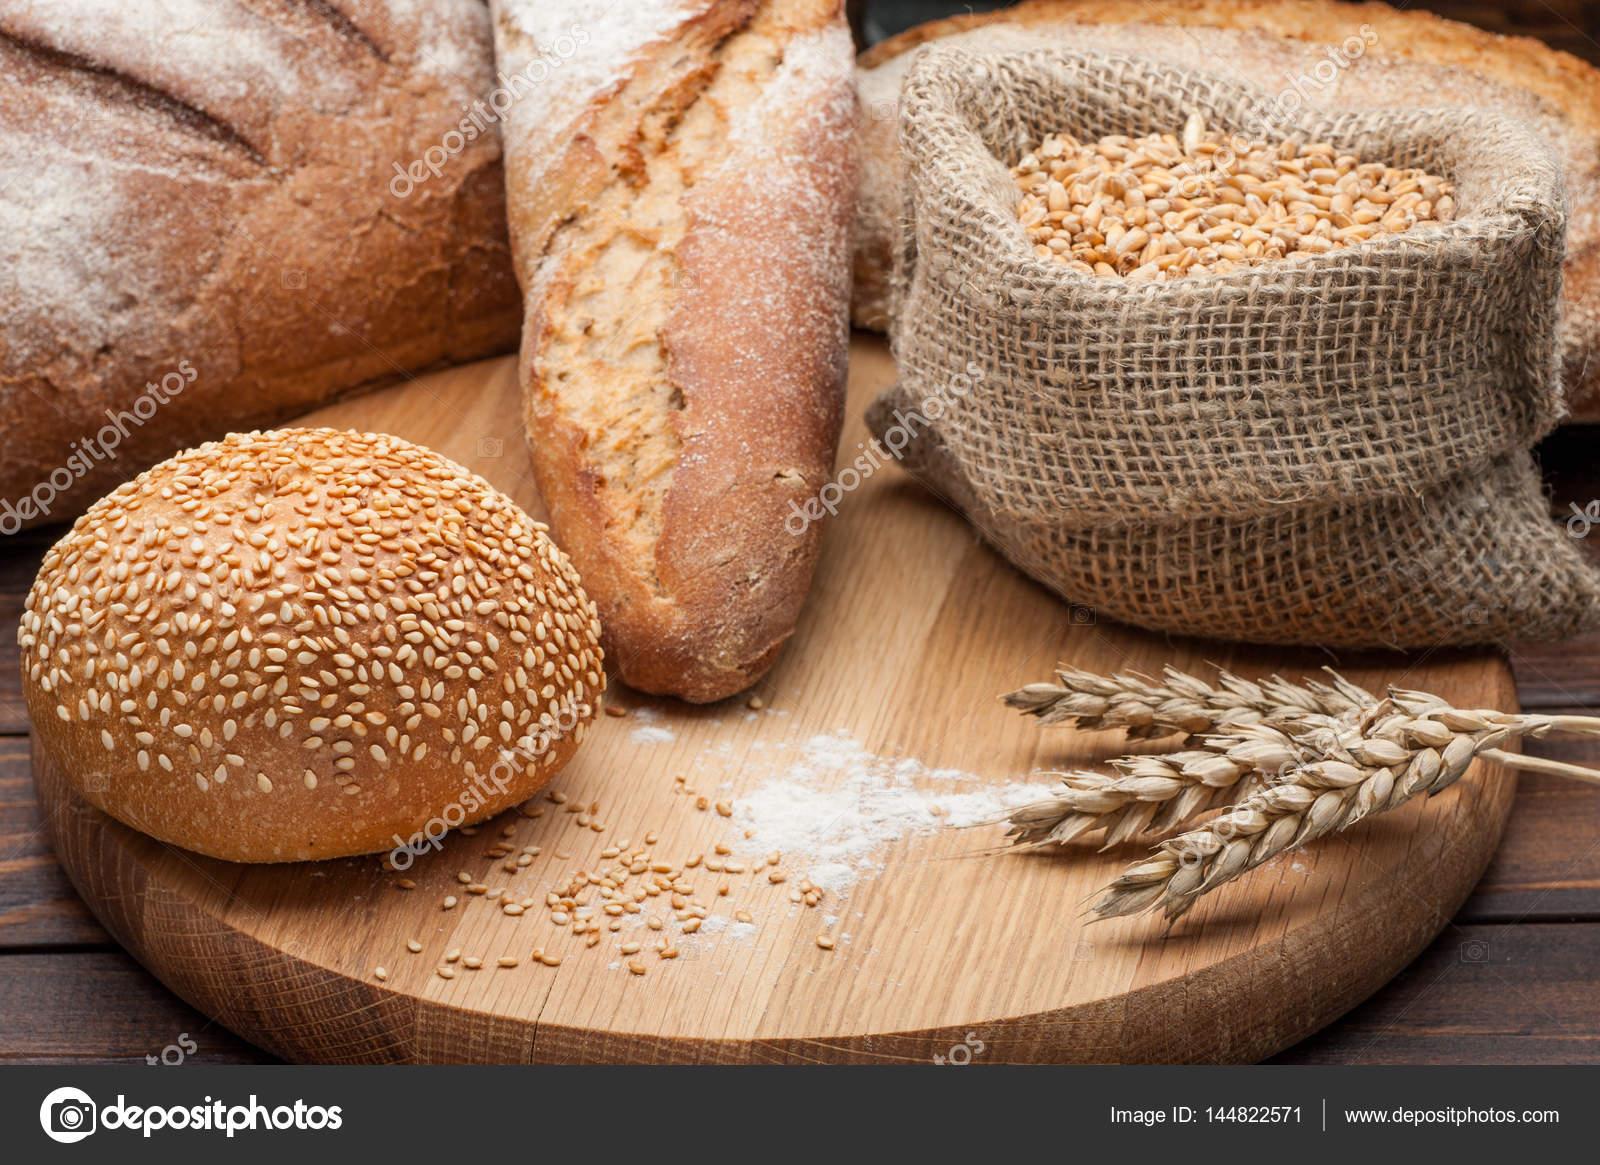 виду материала, булочки из пшеничной муки термобелье